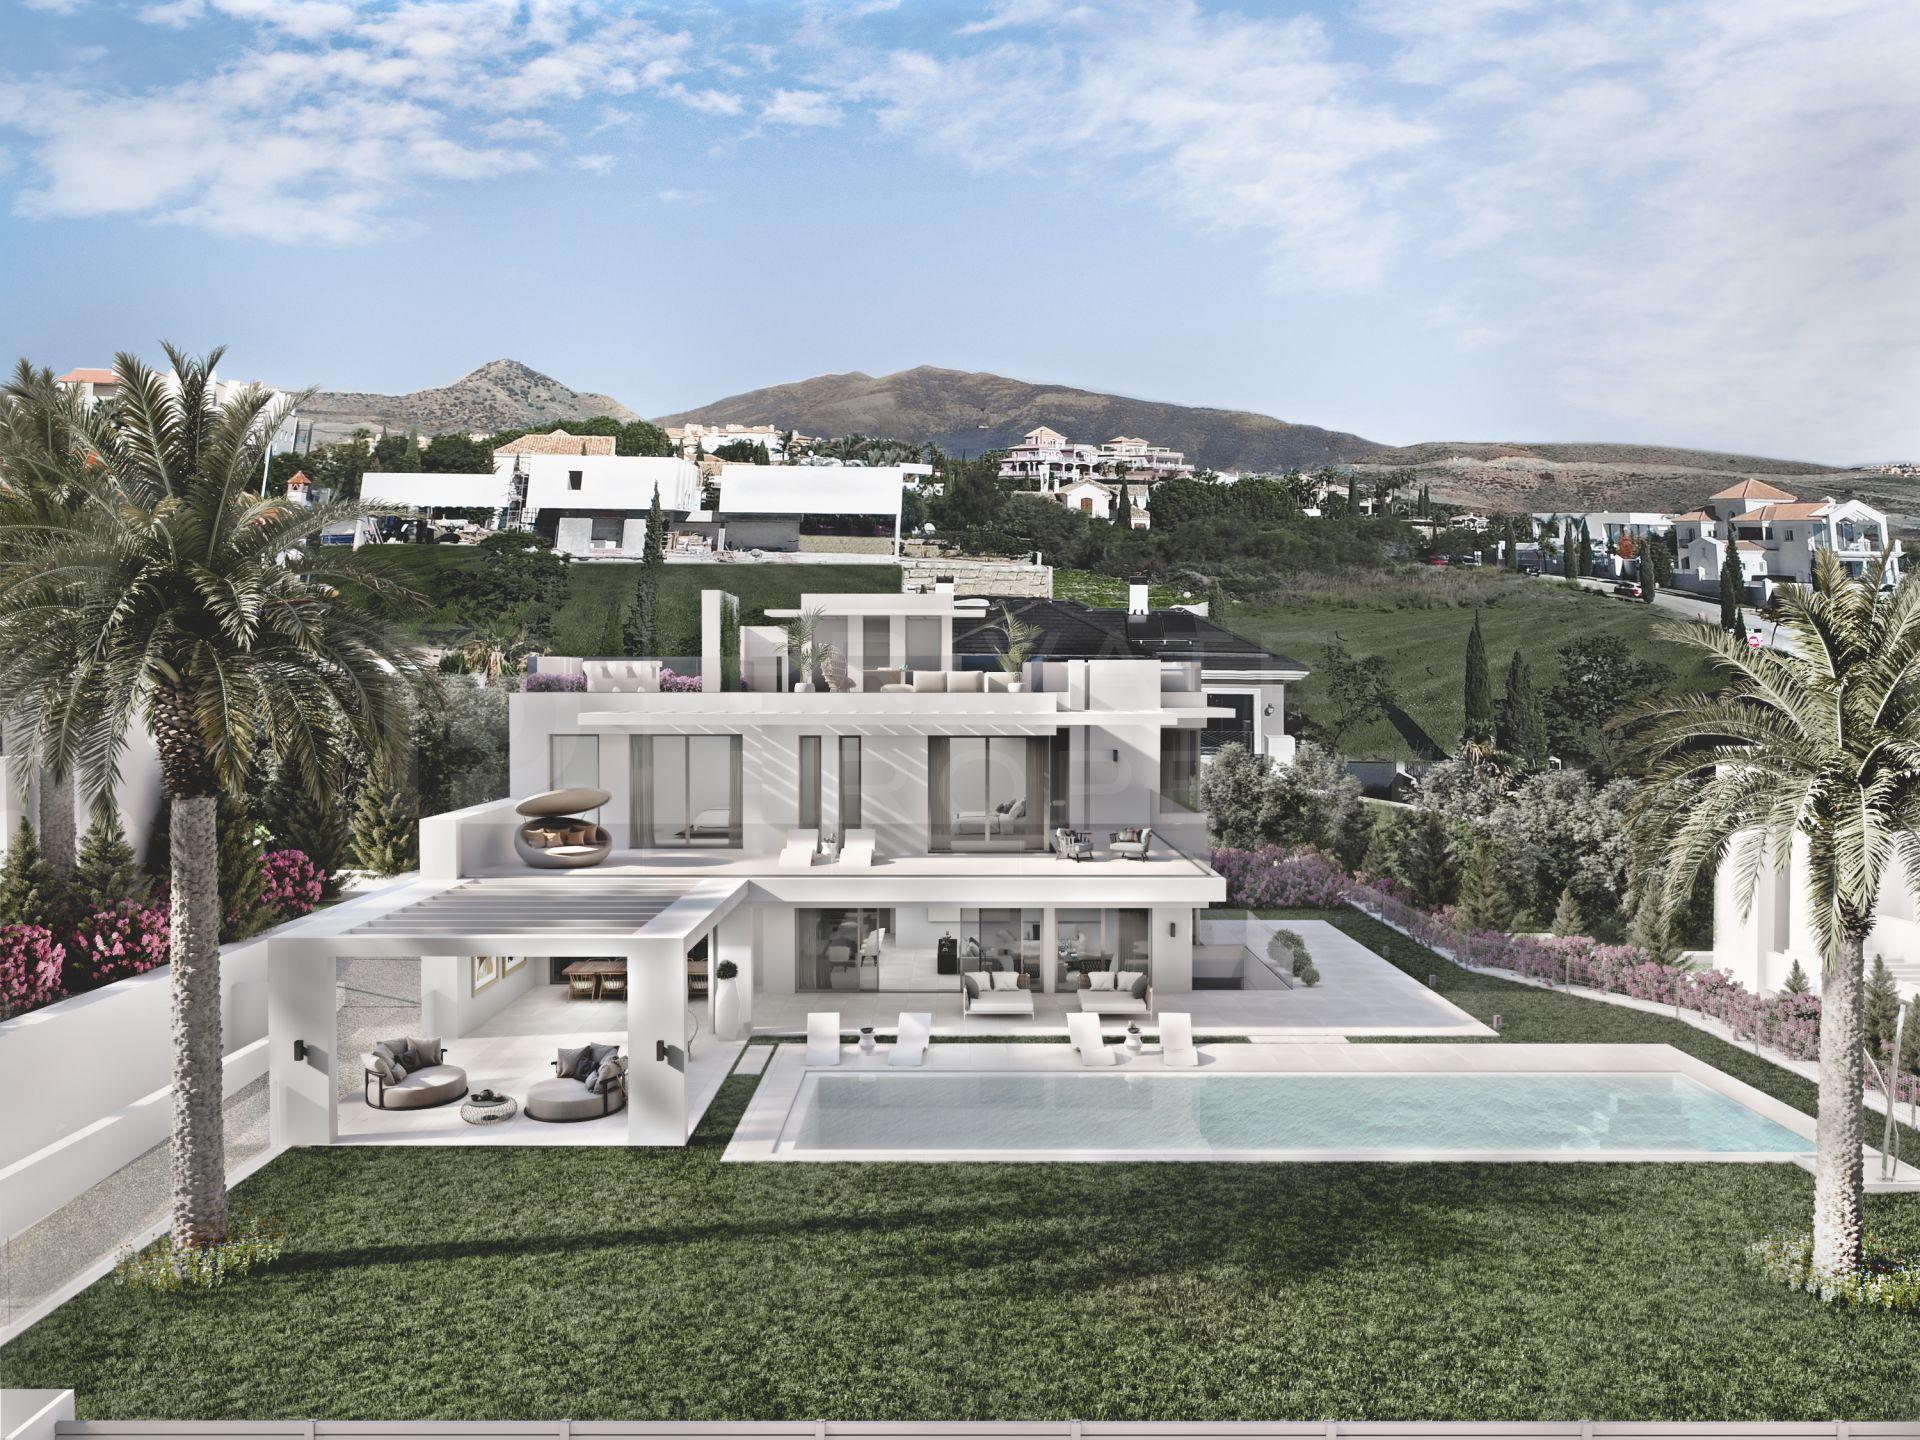 Villa with sea views in Los Flamingos